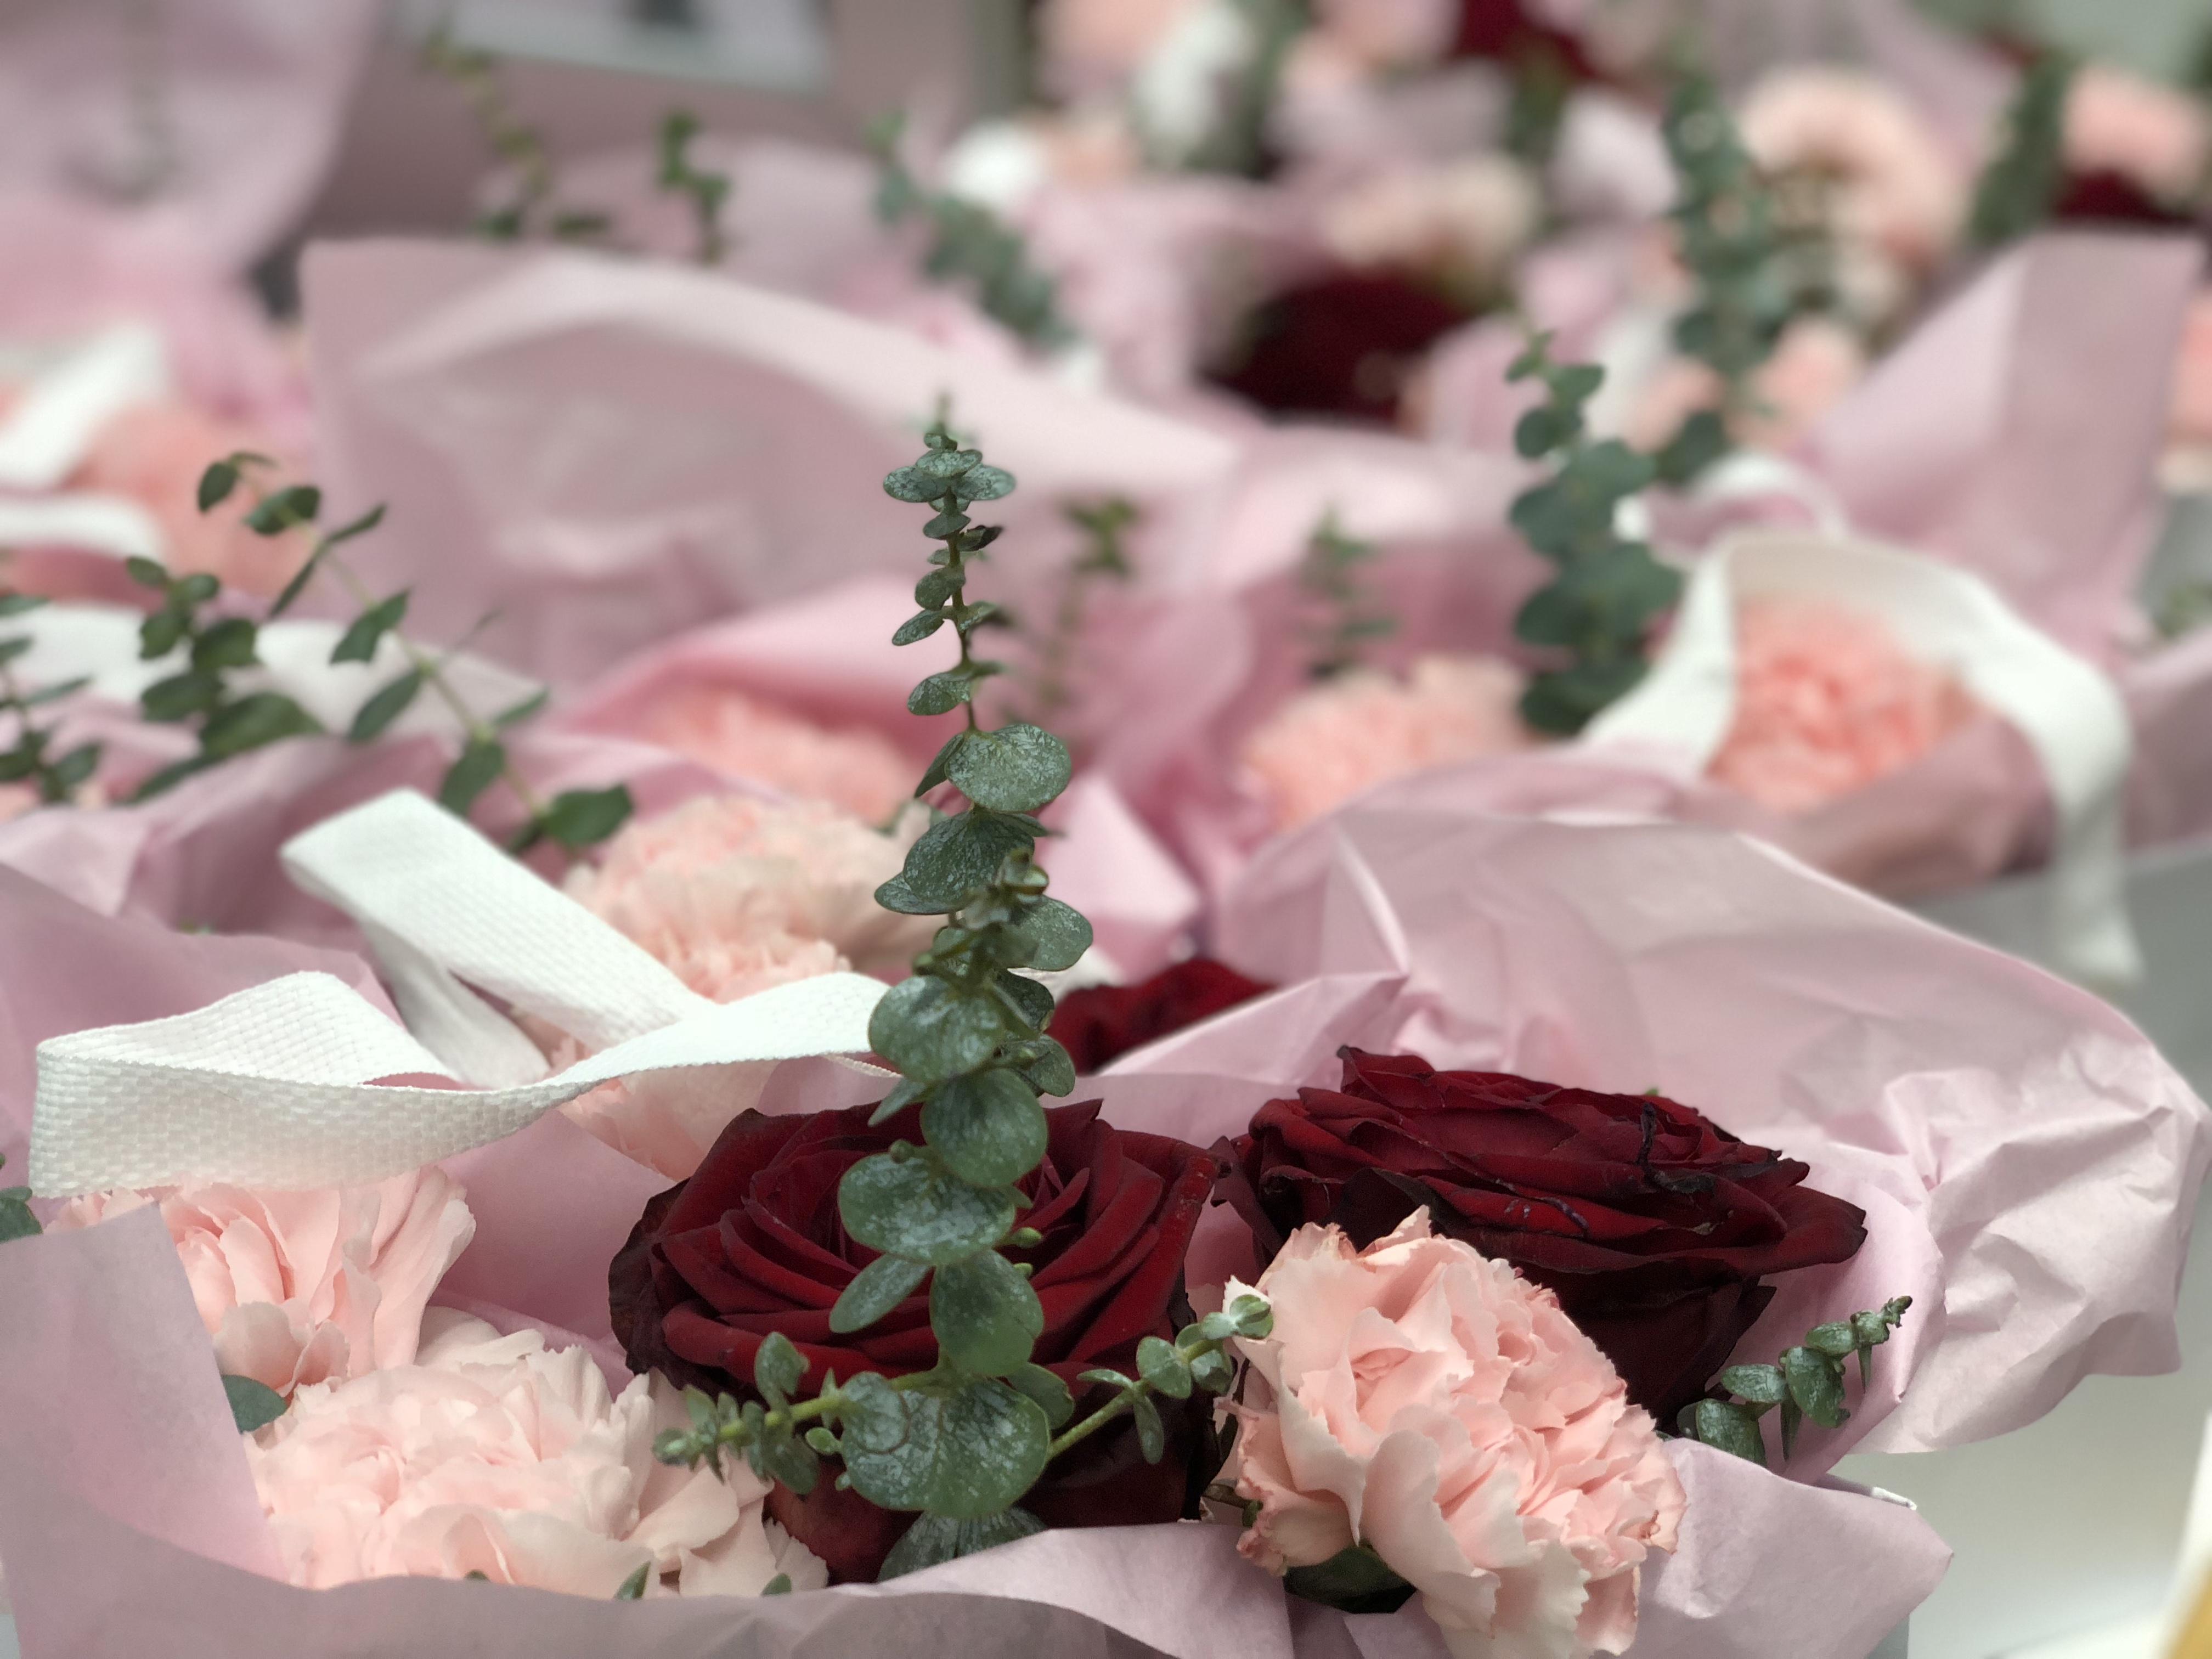 Post 1010 Fleischmarkt / Rosalie: Rosentasche Valentinstagsgeschenk um 14,90 € / 10% Rabatt Gutschein